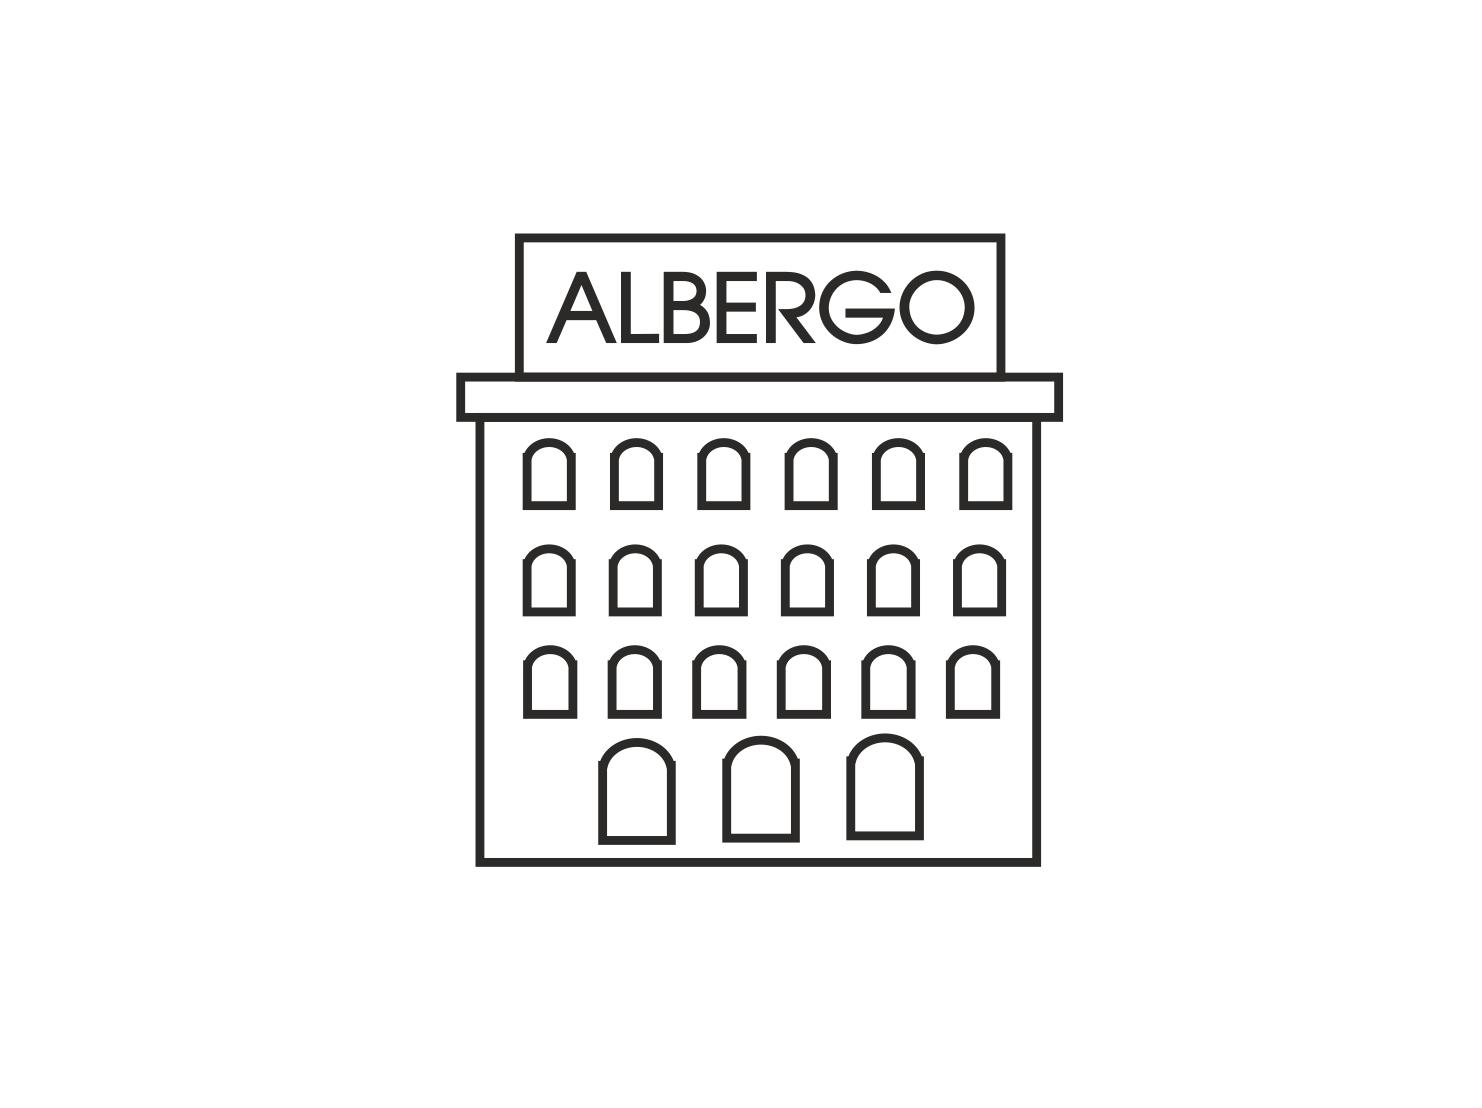 ALBERGO VILLA D'ALME BERGAMO